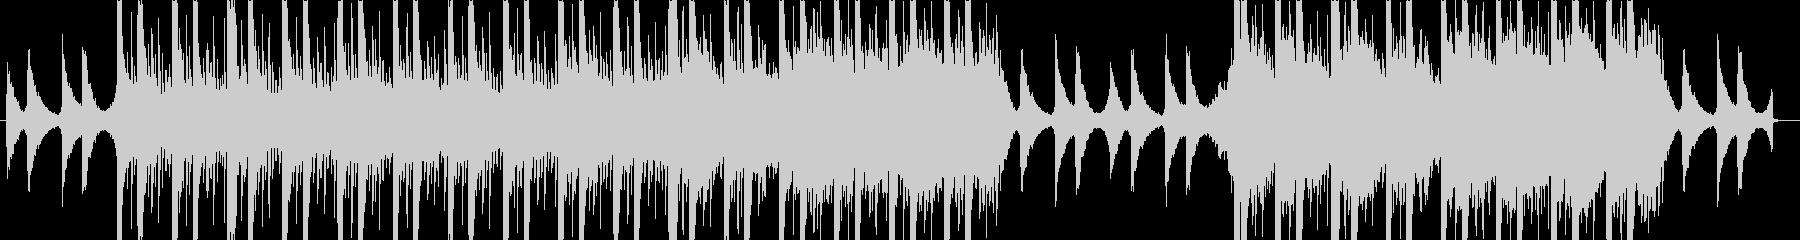 ビート感のあるアンビエンテック系ポップスの未再生の波形